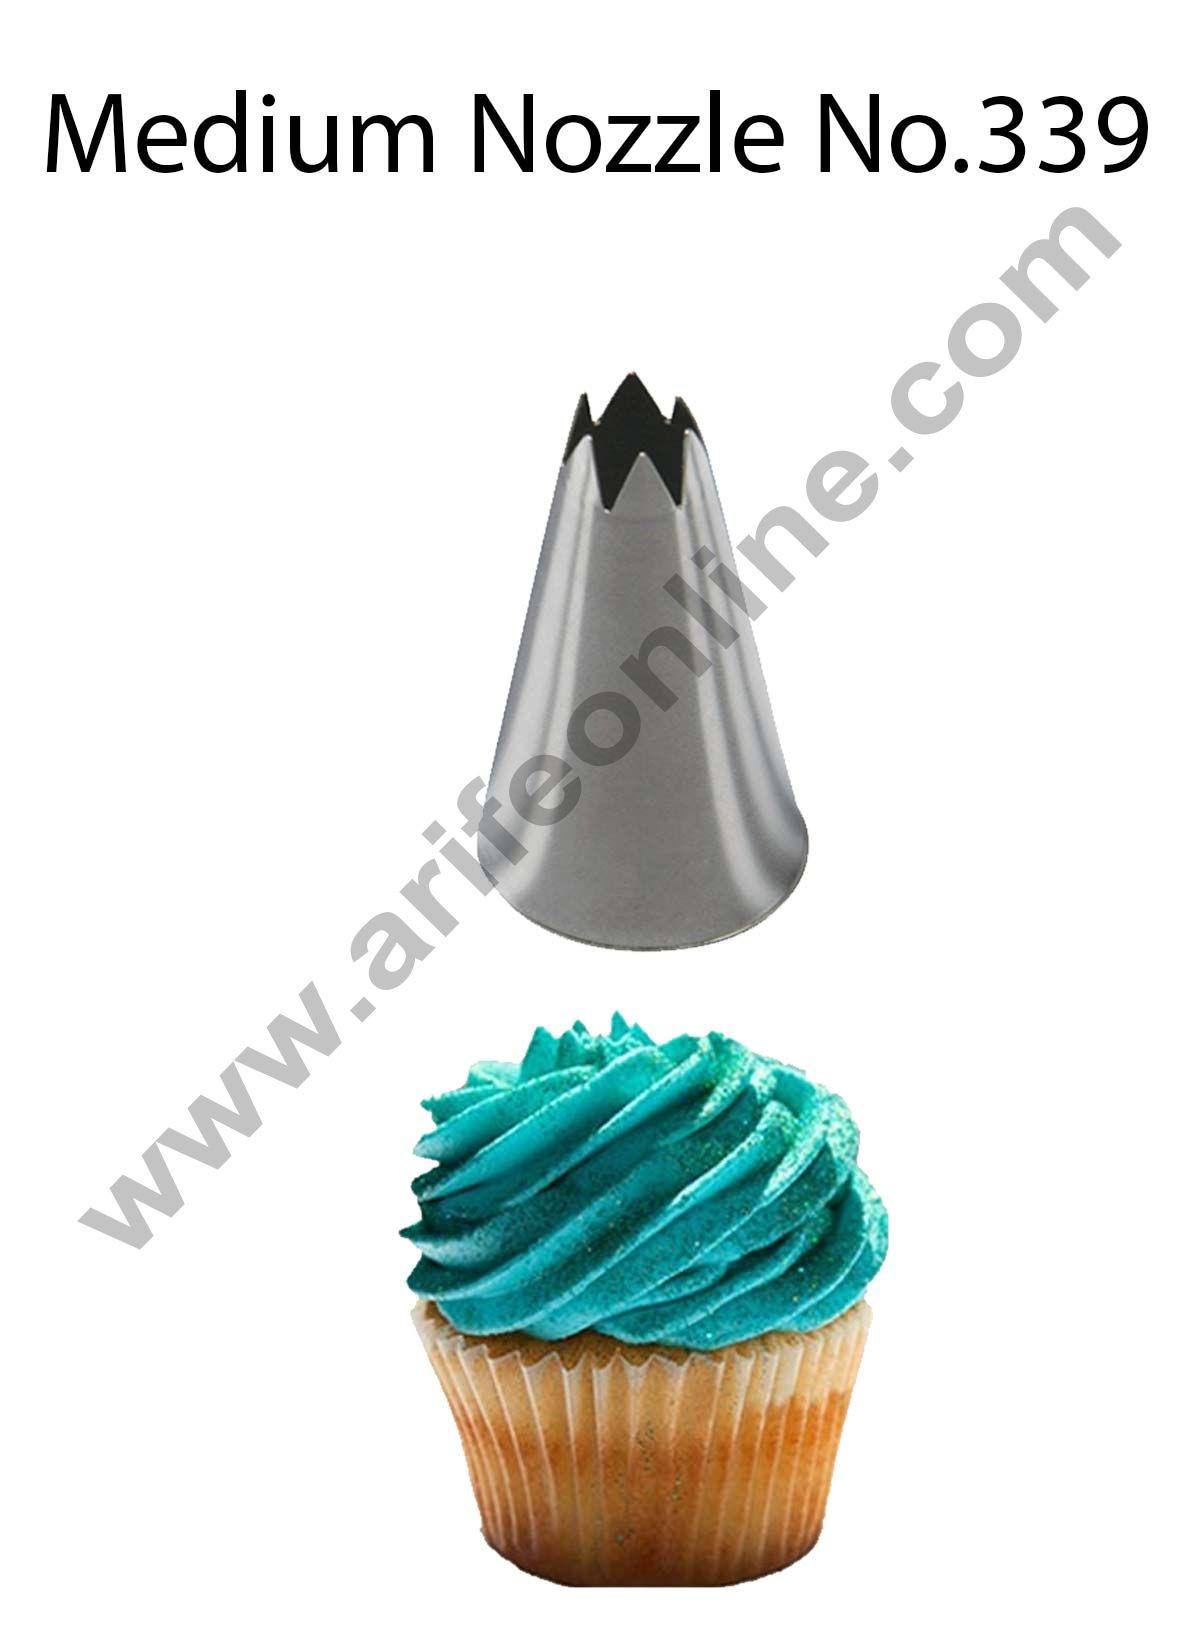 Cake Decor Medium Nozzle - No. 339 Open Star Piping Nozzle